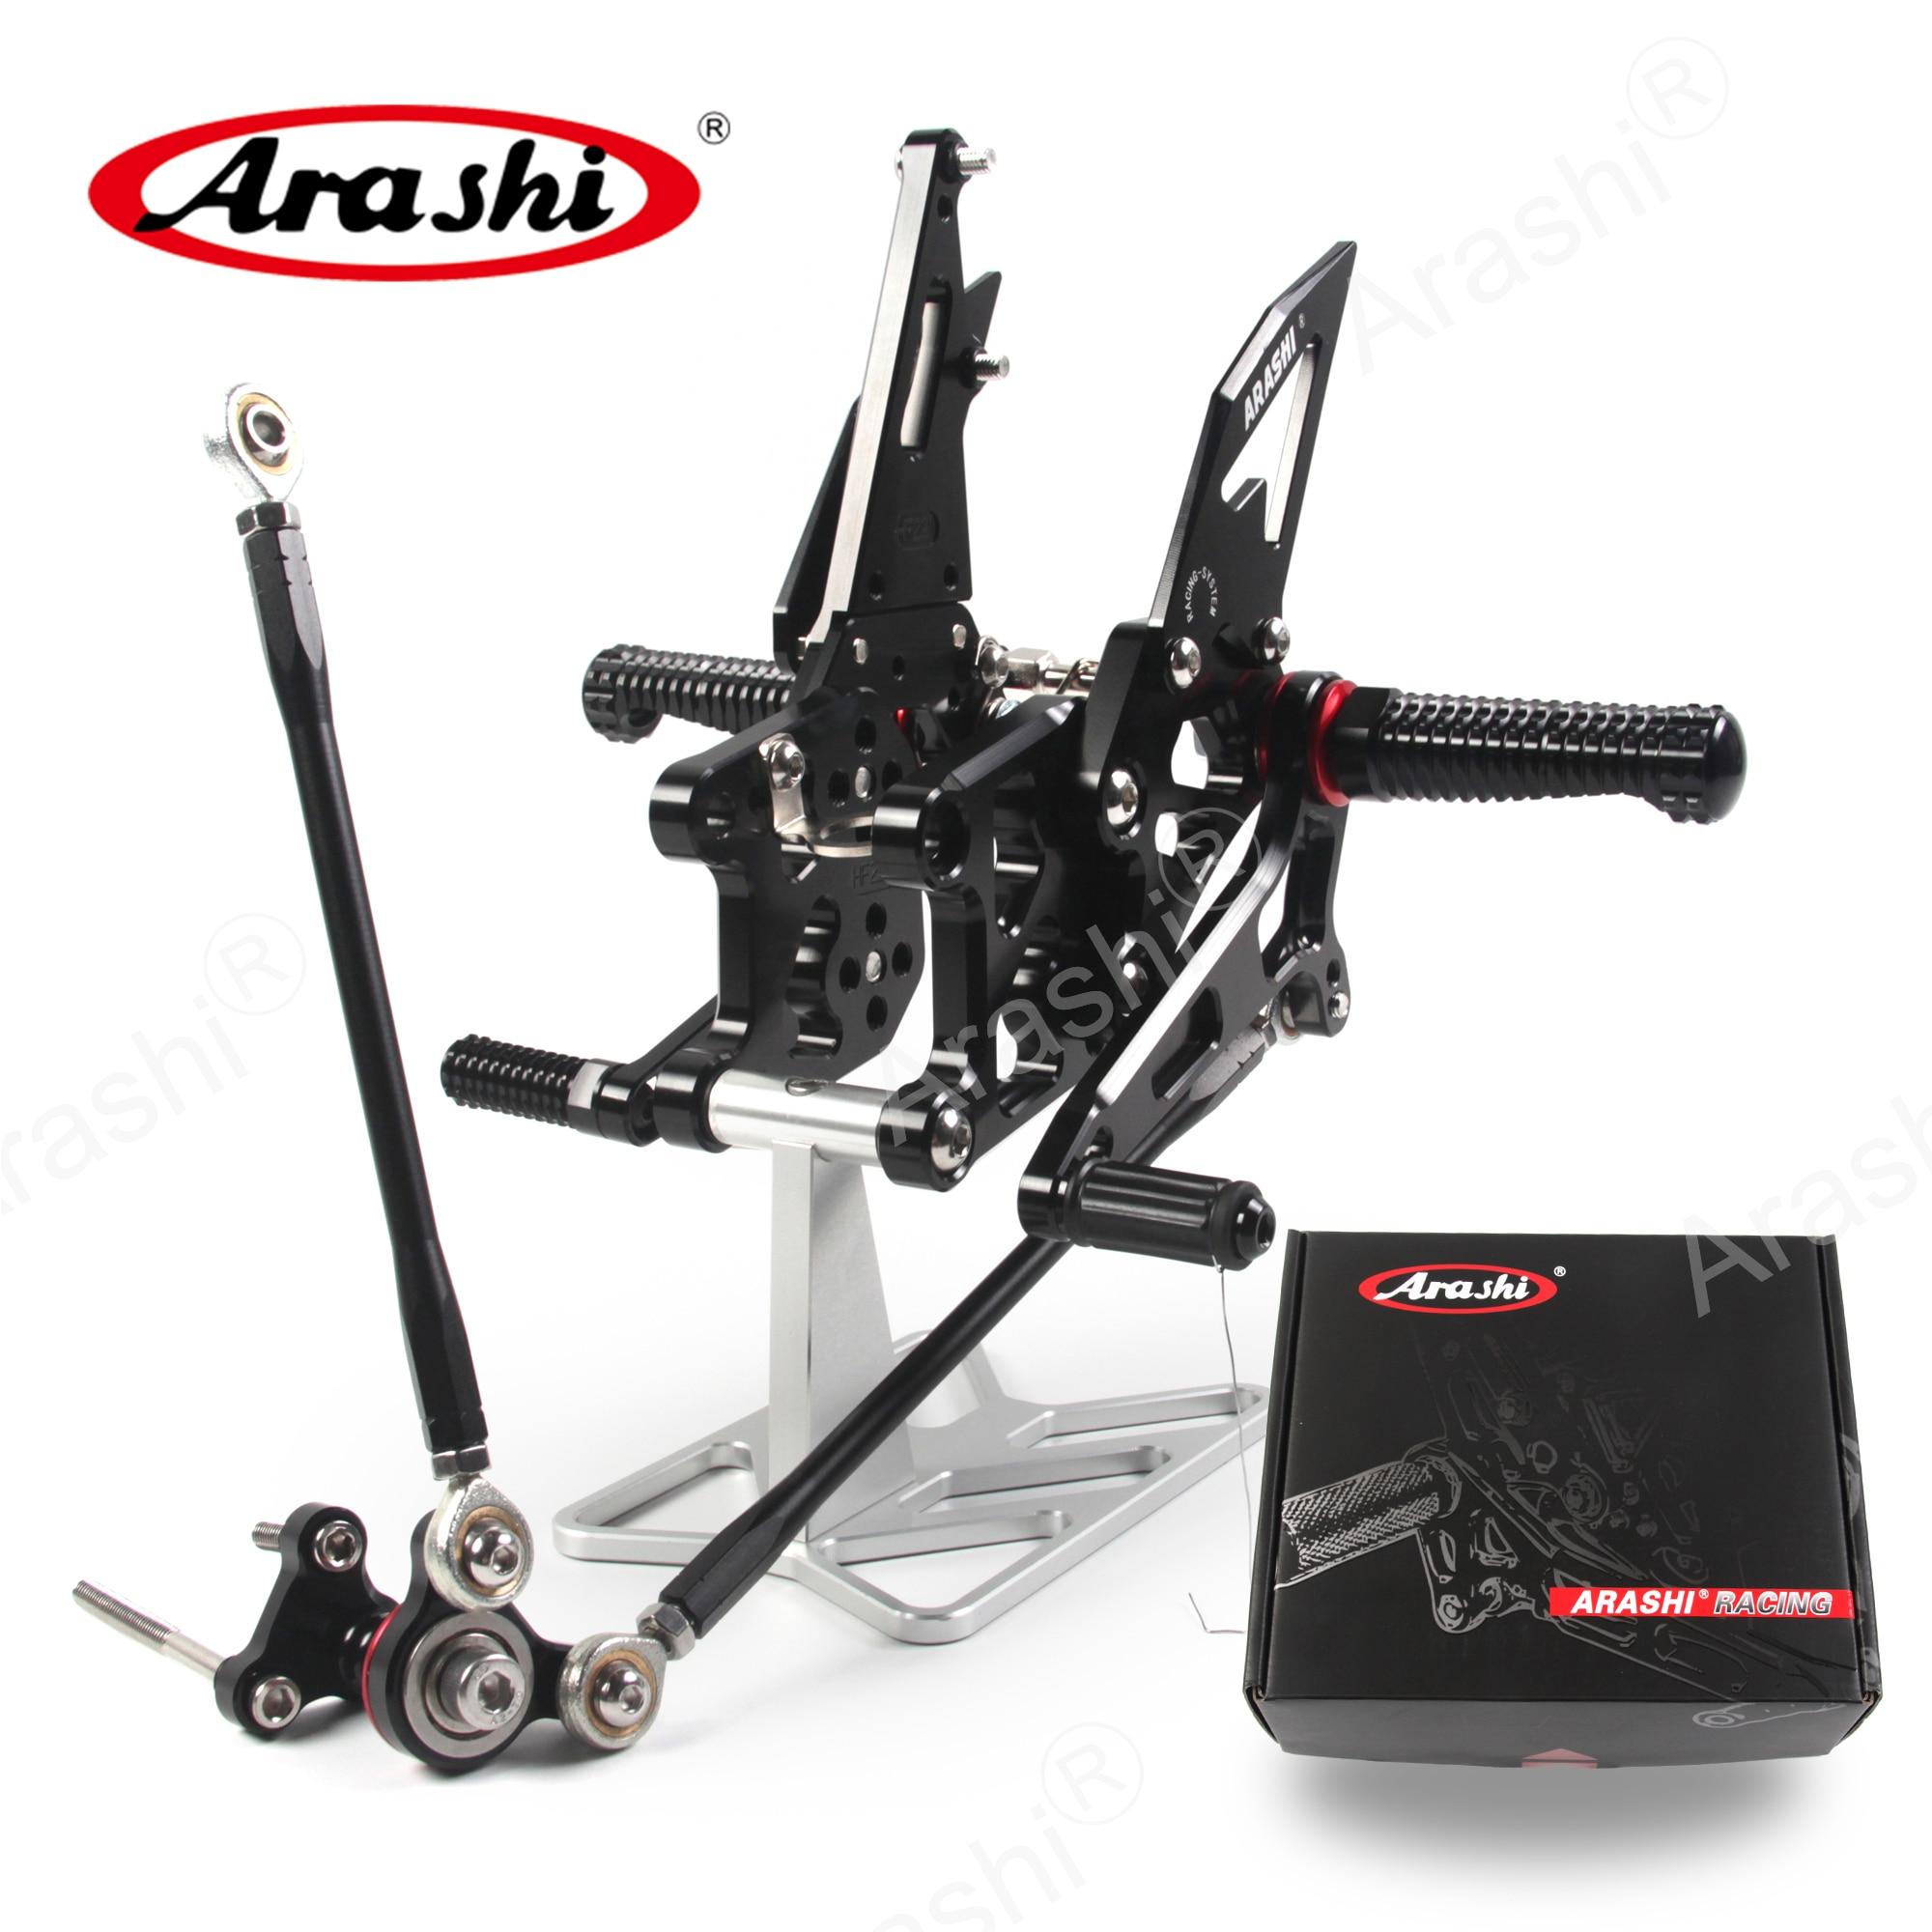 ARASHI CBR600RR 2007-2008 Rider Footrest For HONDA CBR 600 CBR600 RR 2007 2008 07 08 Adjustable Rearsets Foot Pegs Rear Rest